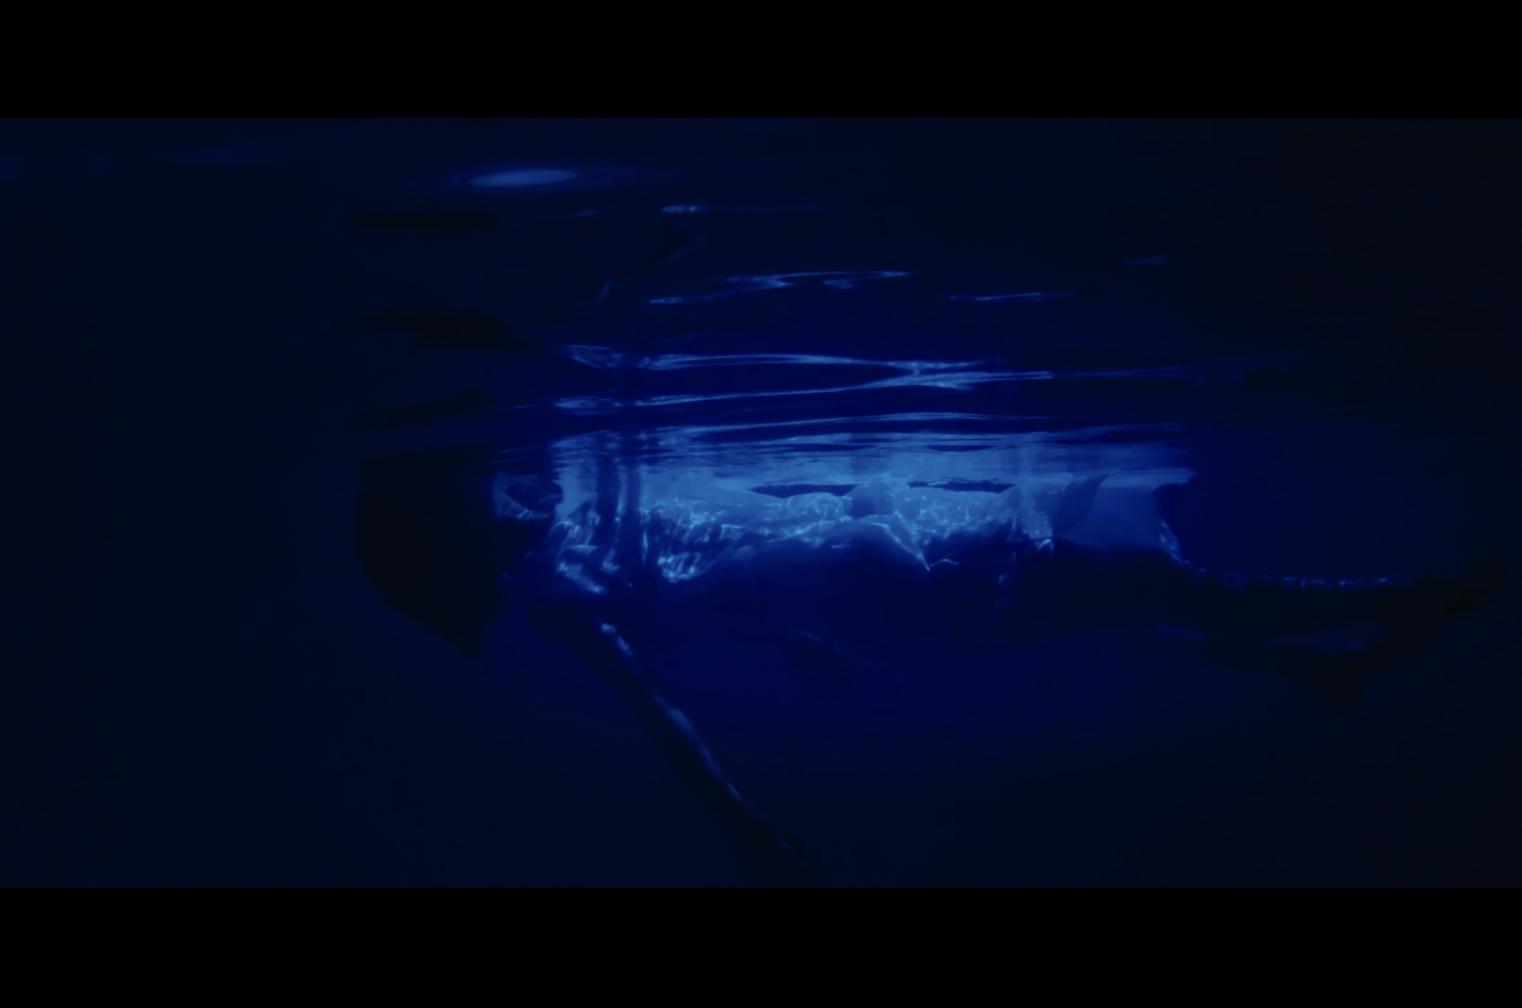 初めて挑んだ「水中撮影」 機材やロケ地はどうしたのか【bacter】